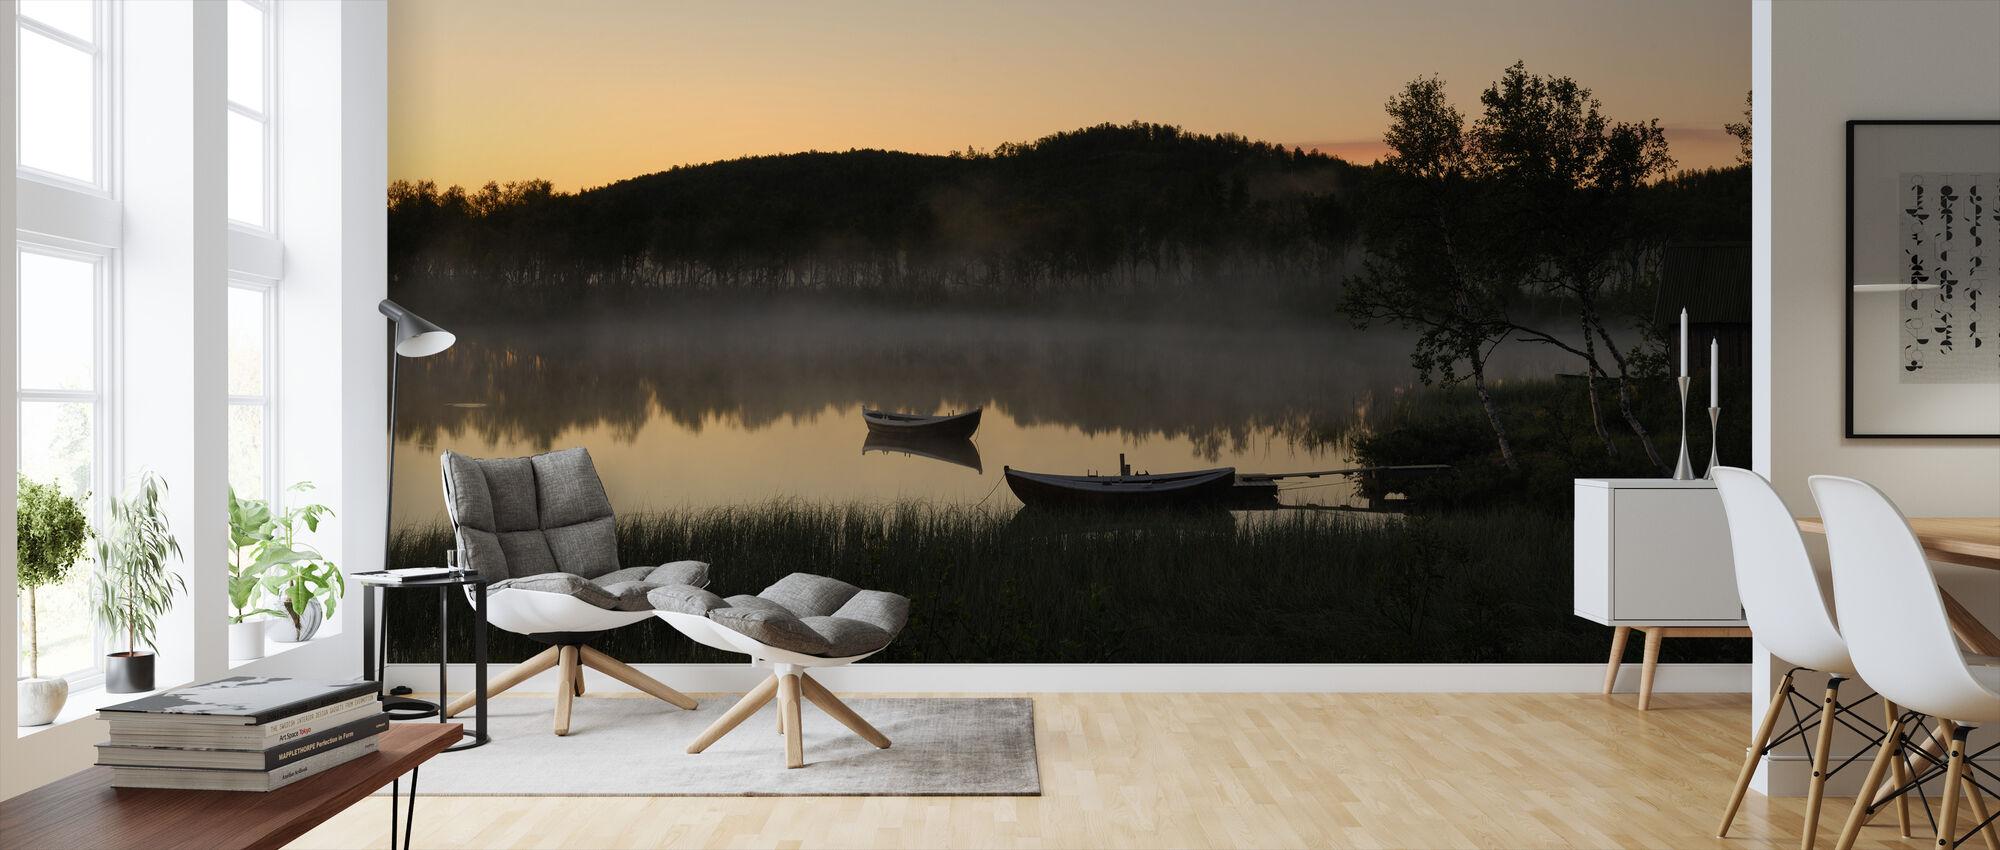 Gamle hytte ved søen, Senja Norge - Tapet - Stue